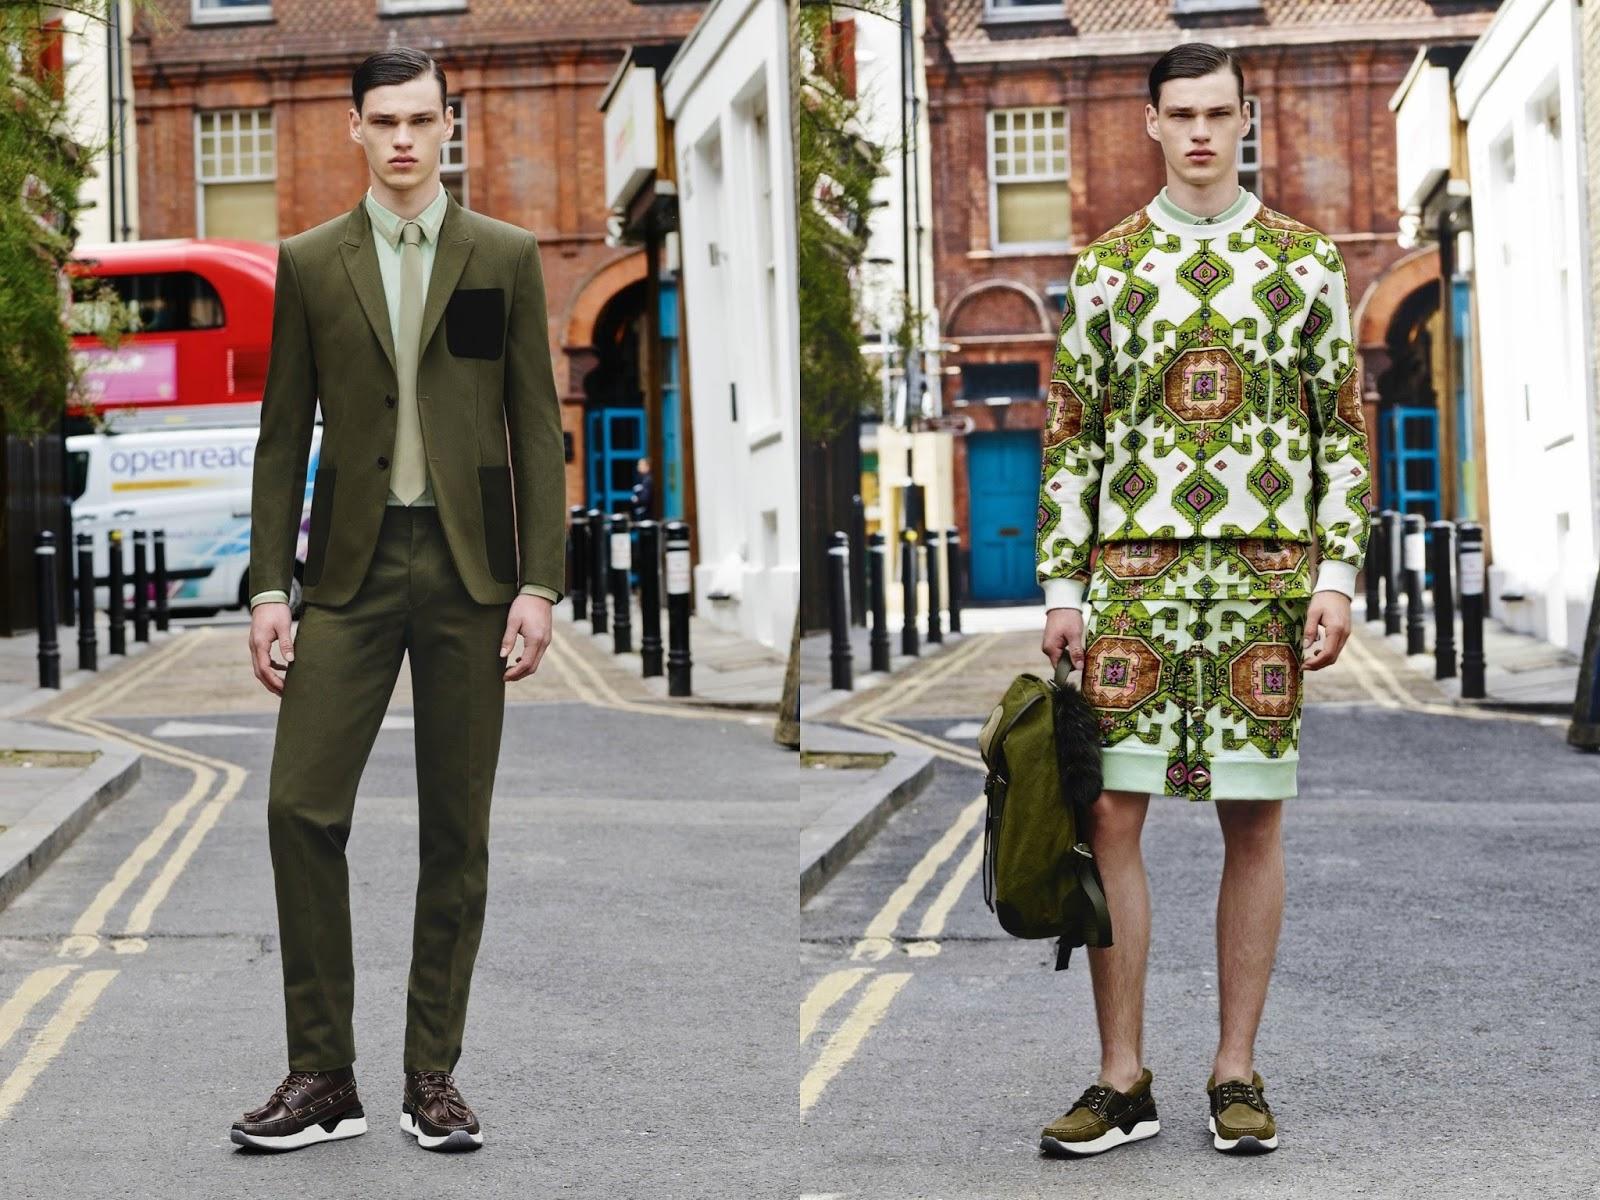 Givenchy, alto de verão 2016, coleção masculina, verão 2016, givenchy runway 2016, moda sem censura, alex cursino, style, estilo, blogger, blogueiro de moda, moda, fashion, mens, trends, tendencia masculina,